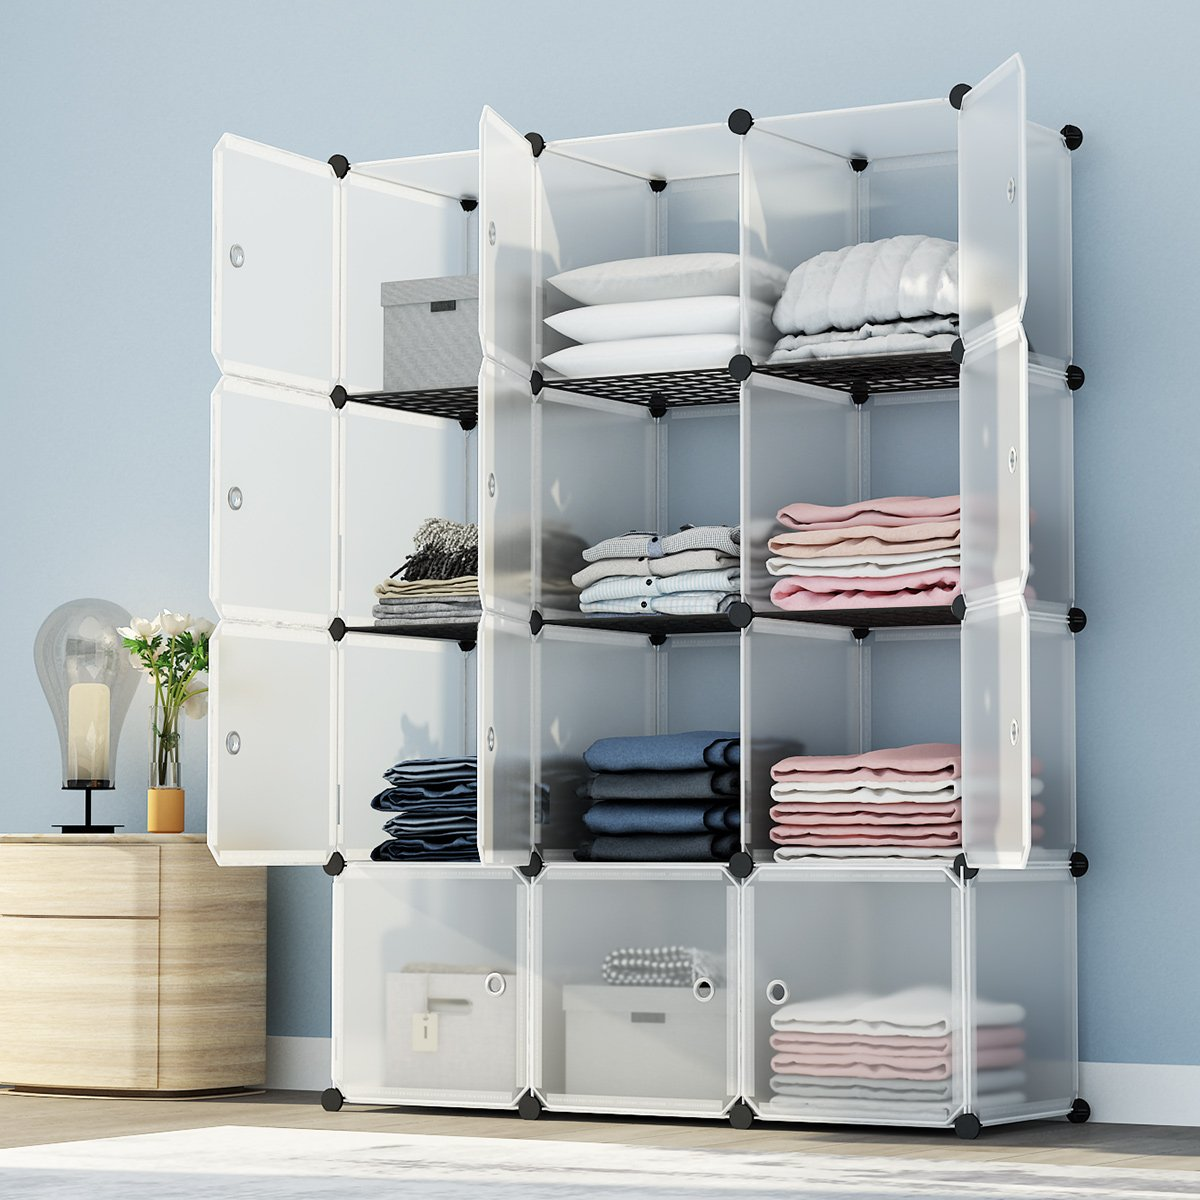 KOUSI Portable Storage Shelf Cube Shelving Bookcase Bookshelf Cubby Organizing Closet Toy Organizer Cabinet Transparent